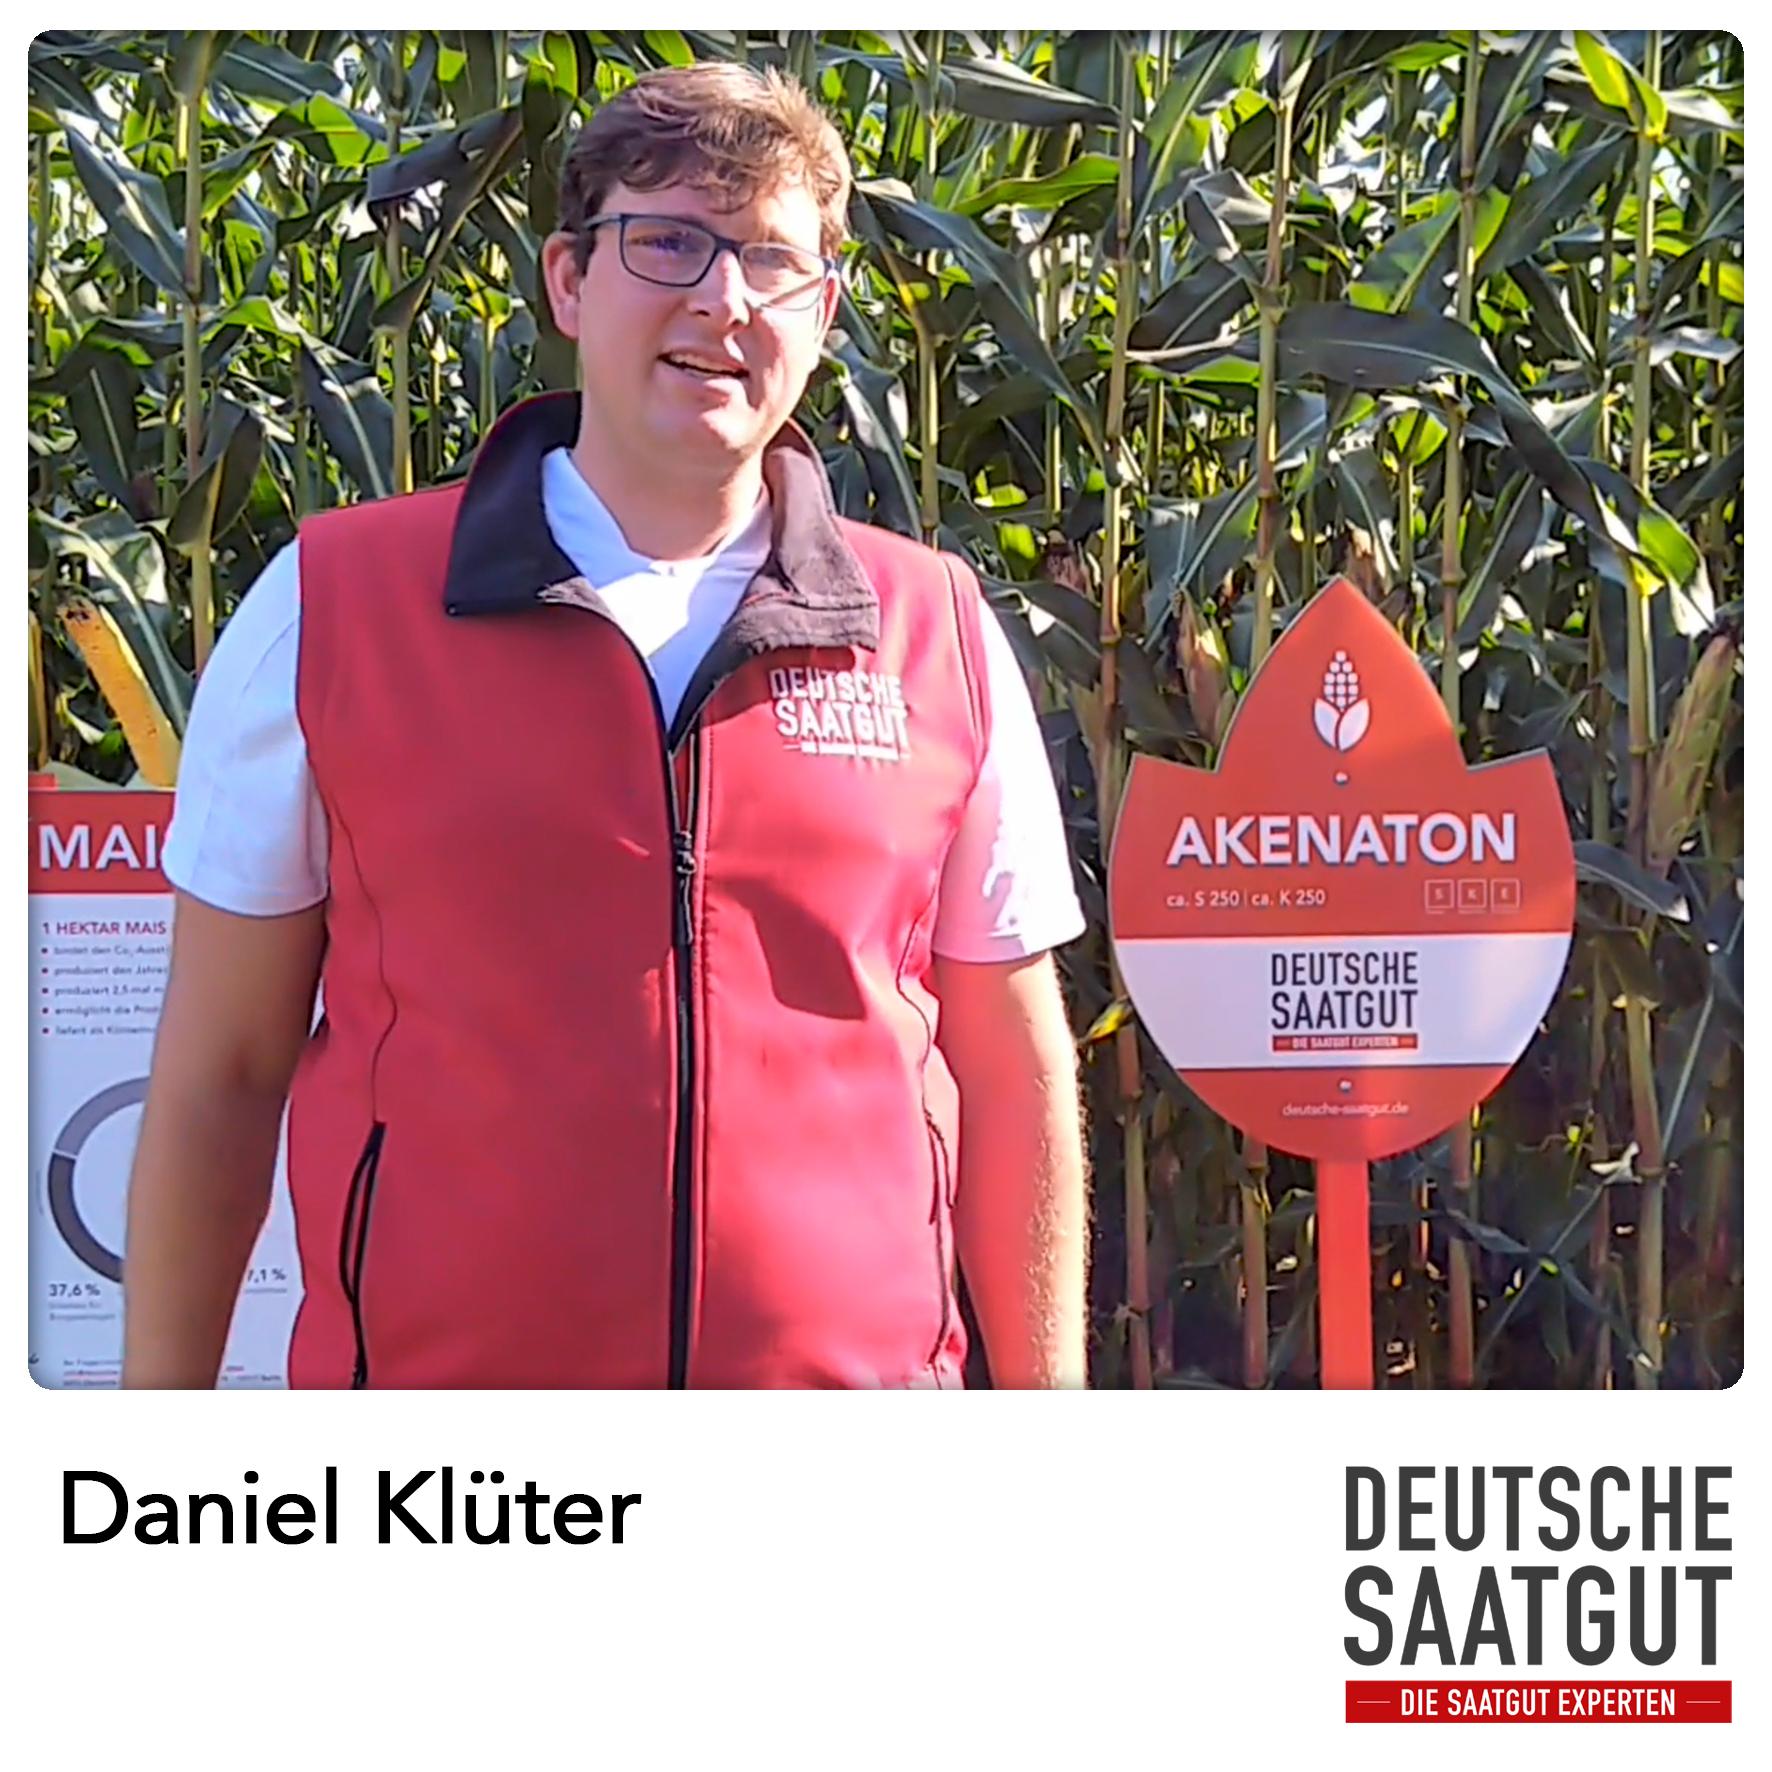 Daniel Klüter beim Mais-Demoversuch am Standort Neustadt am Rübenberge.